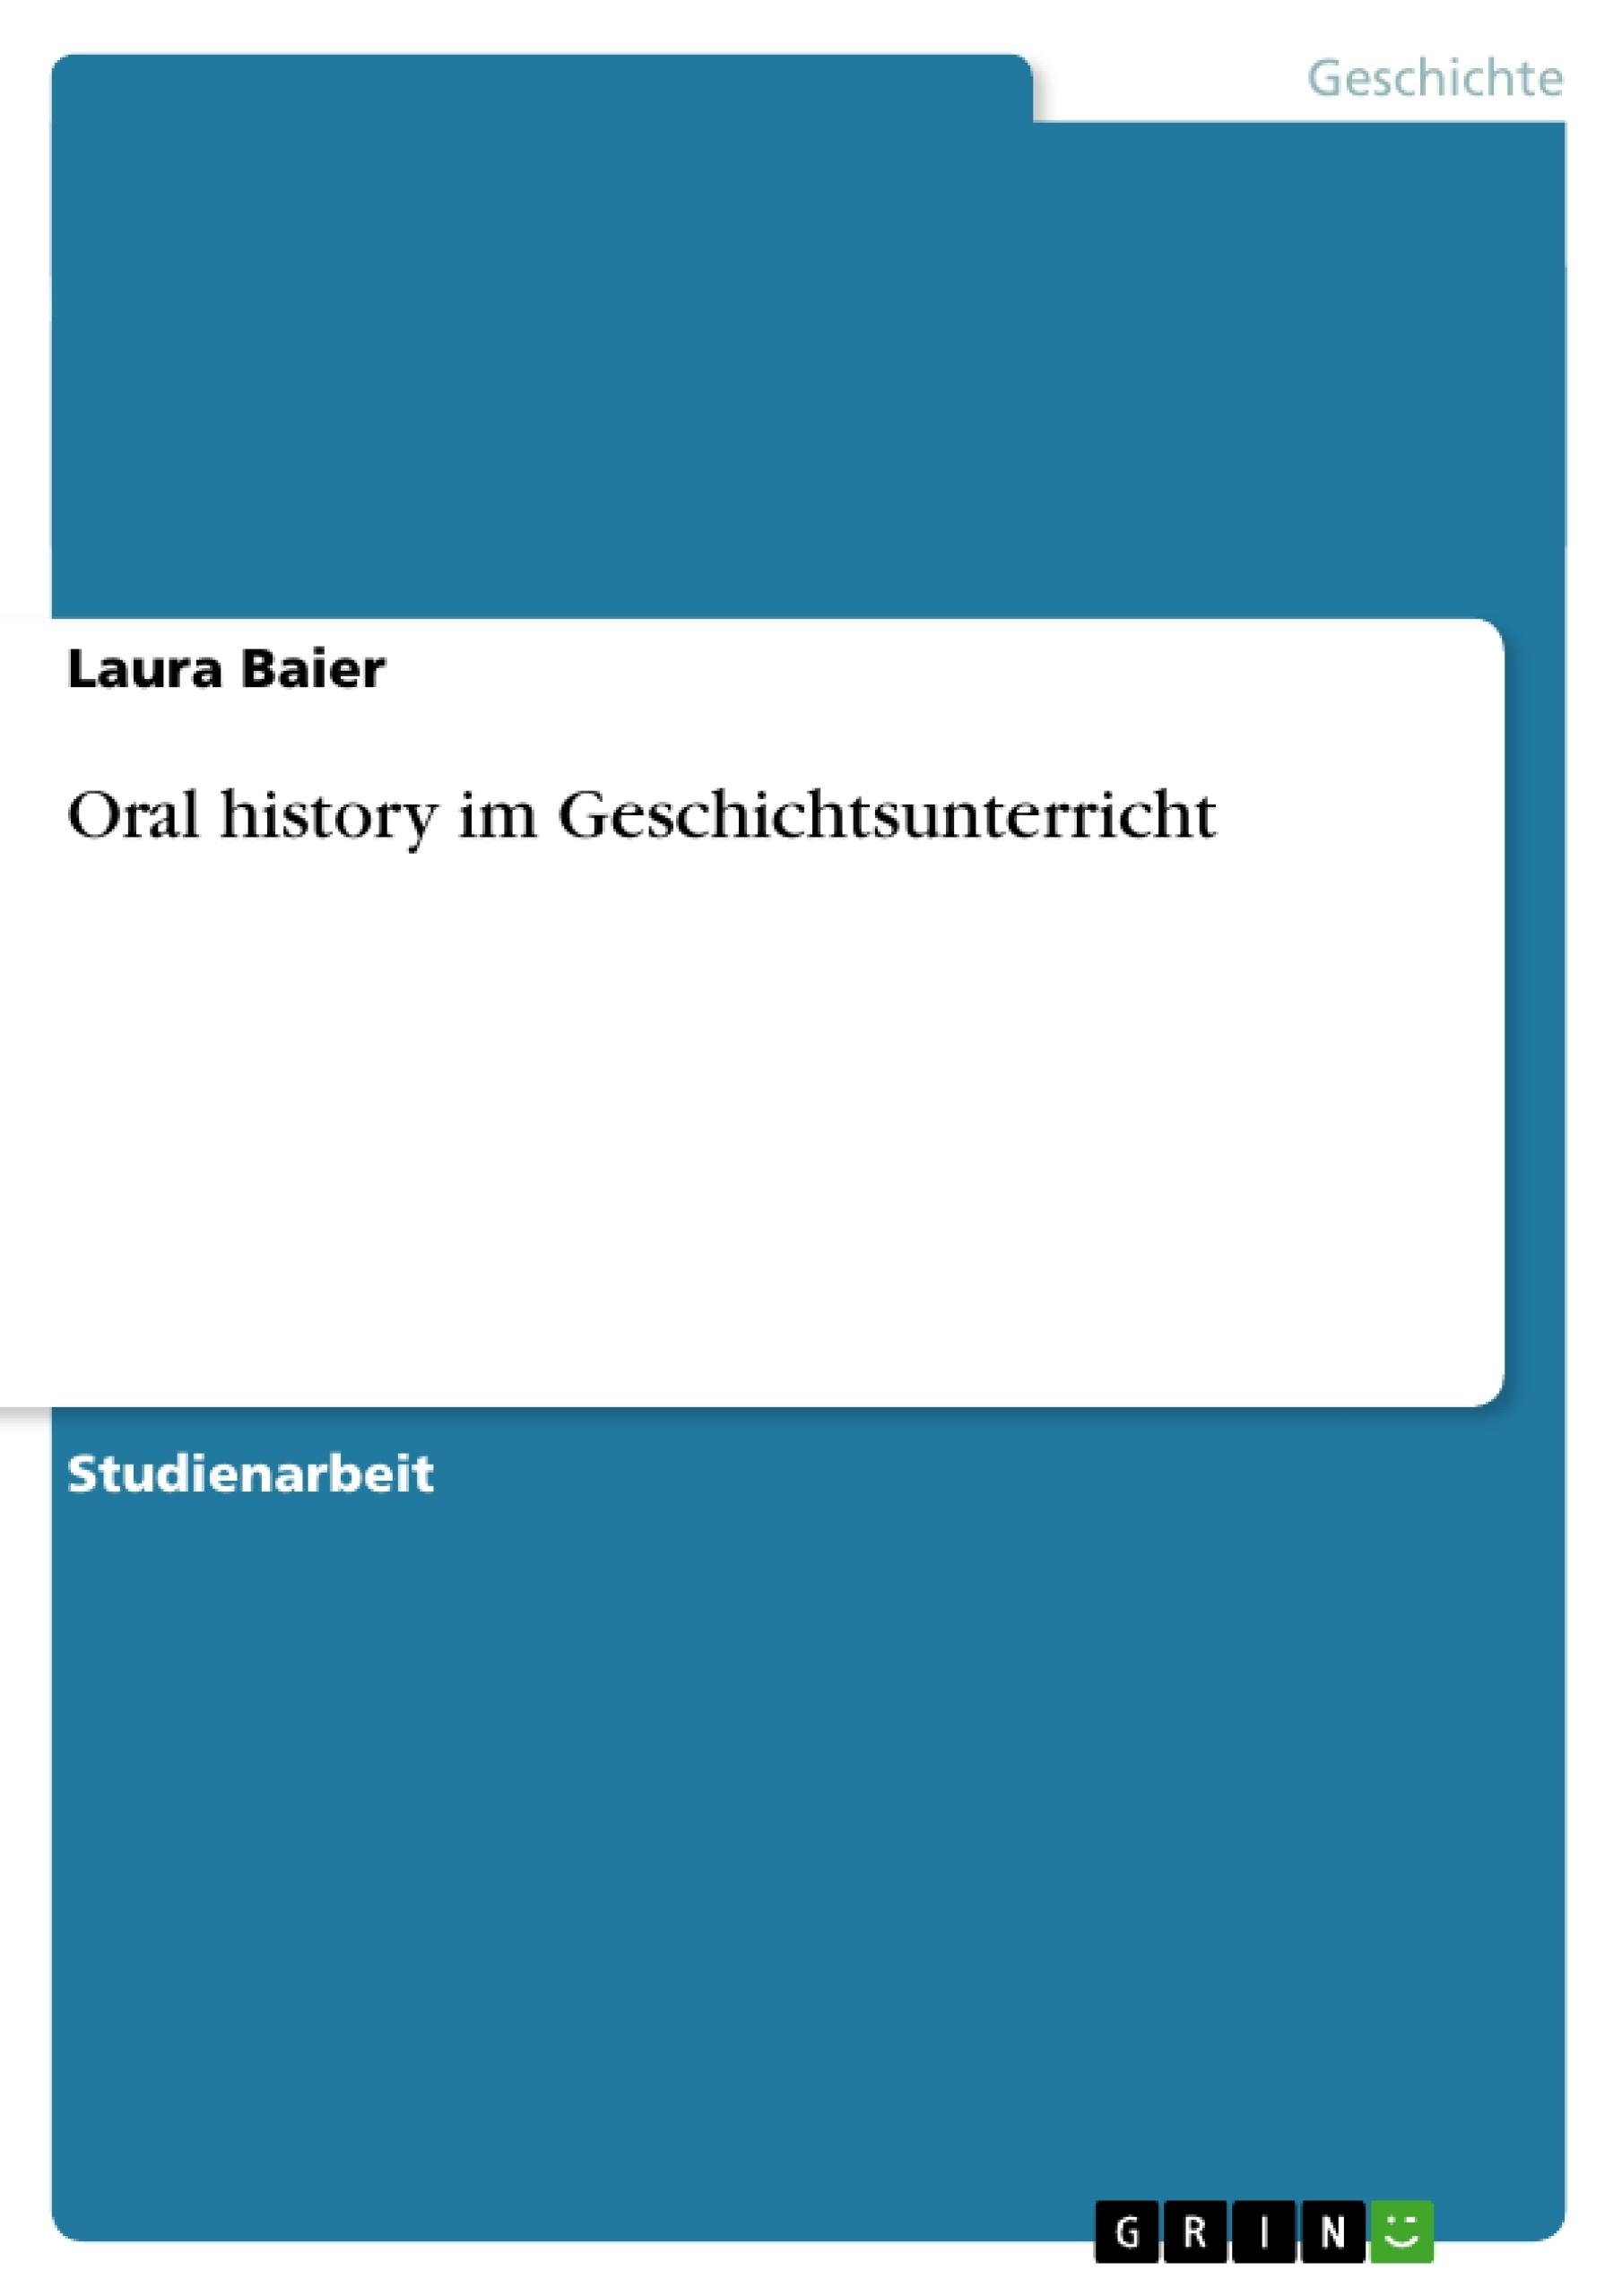 Titel: Oral history im Geschichtsunterricht